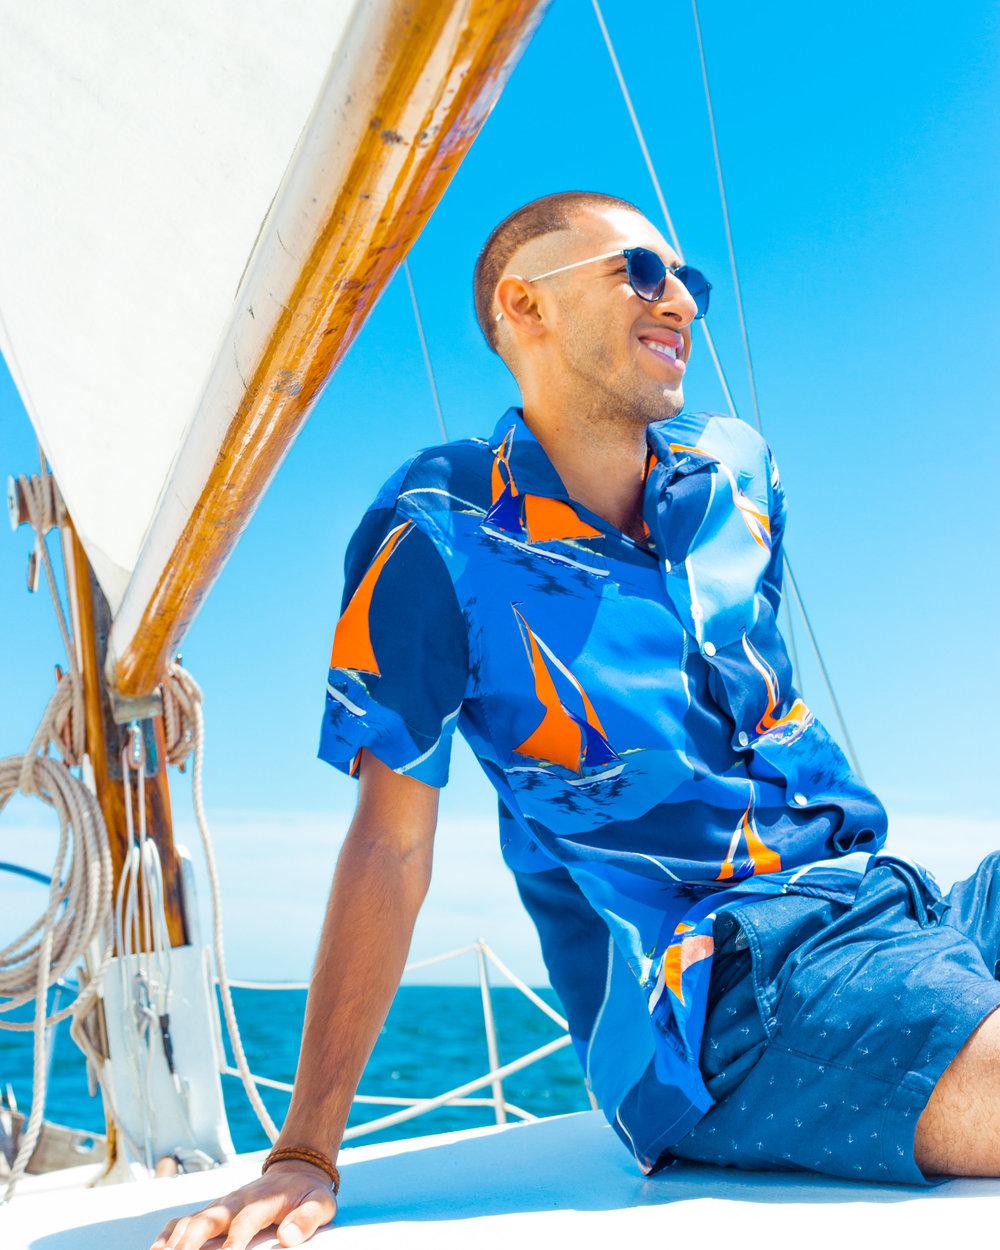 Freddy-Rodriguez-sailing-nyc.jpg